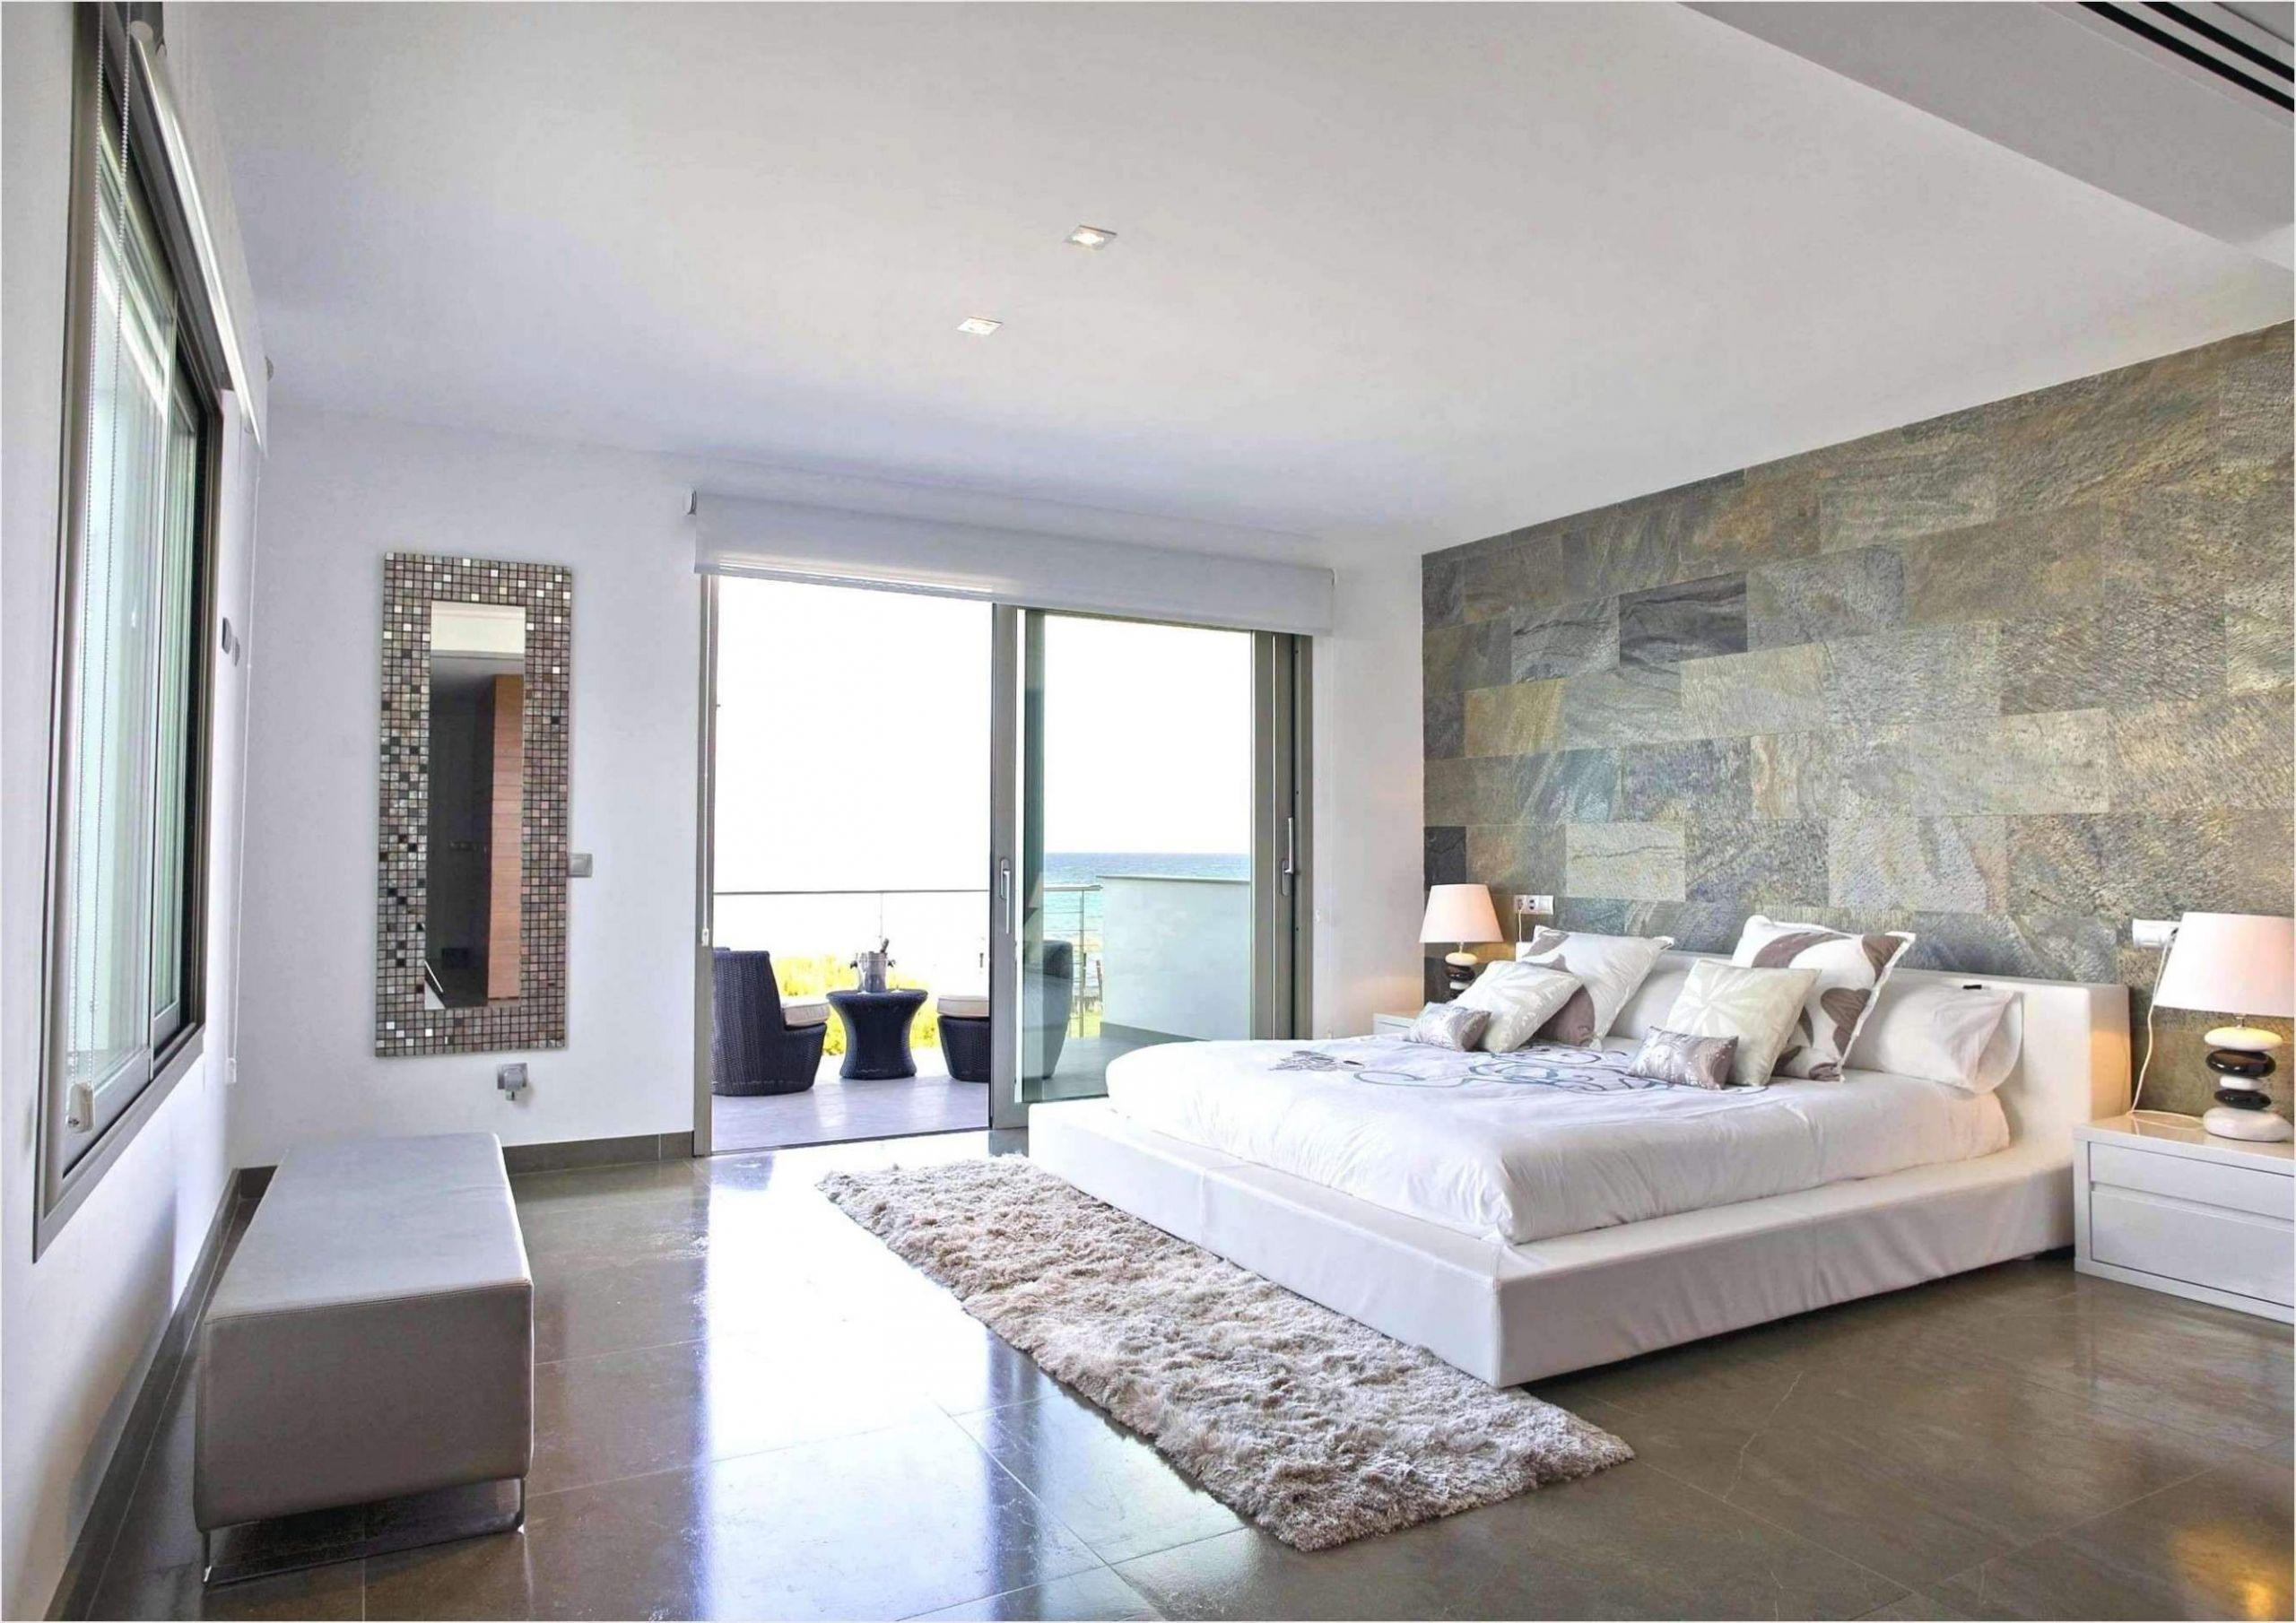 wanddeko wohnzimmer metall reizend wohnzimmer design genial wanddeko wohnzimmer ideen neu of wanddeko wohnzimmer metall scaled